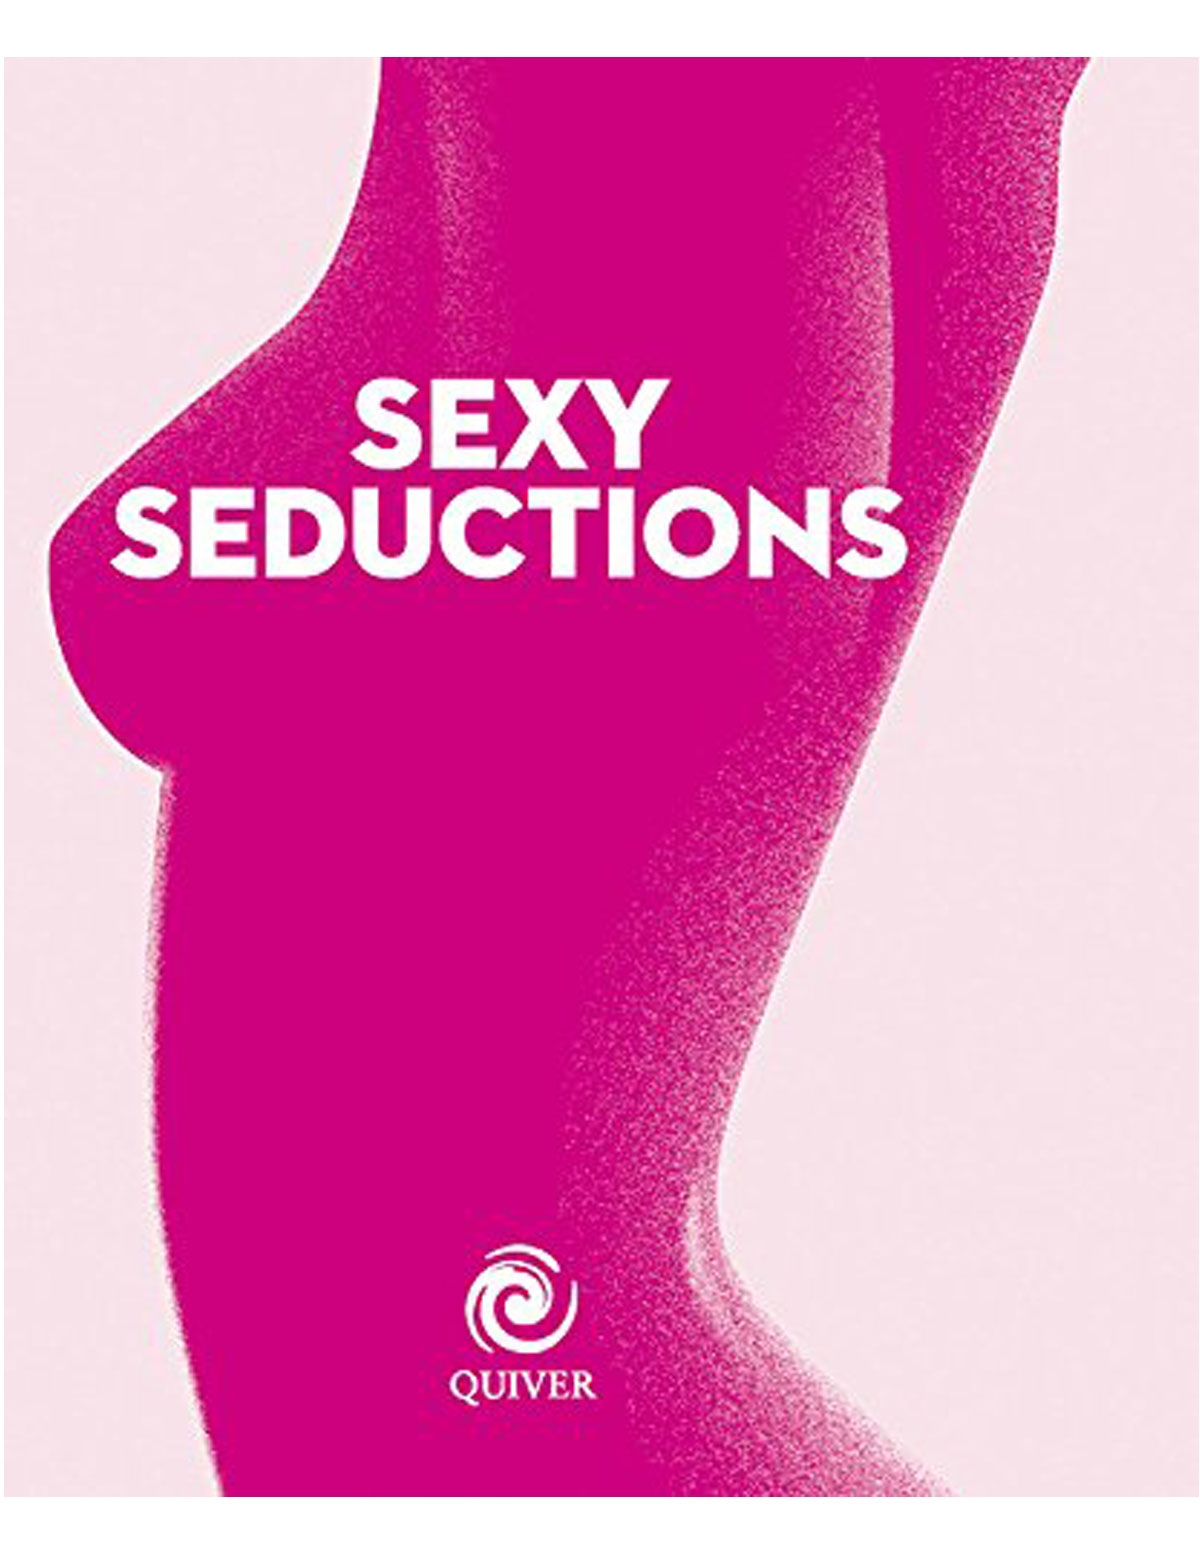 Sexy Seductions Mini Book